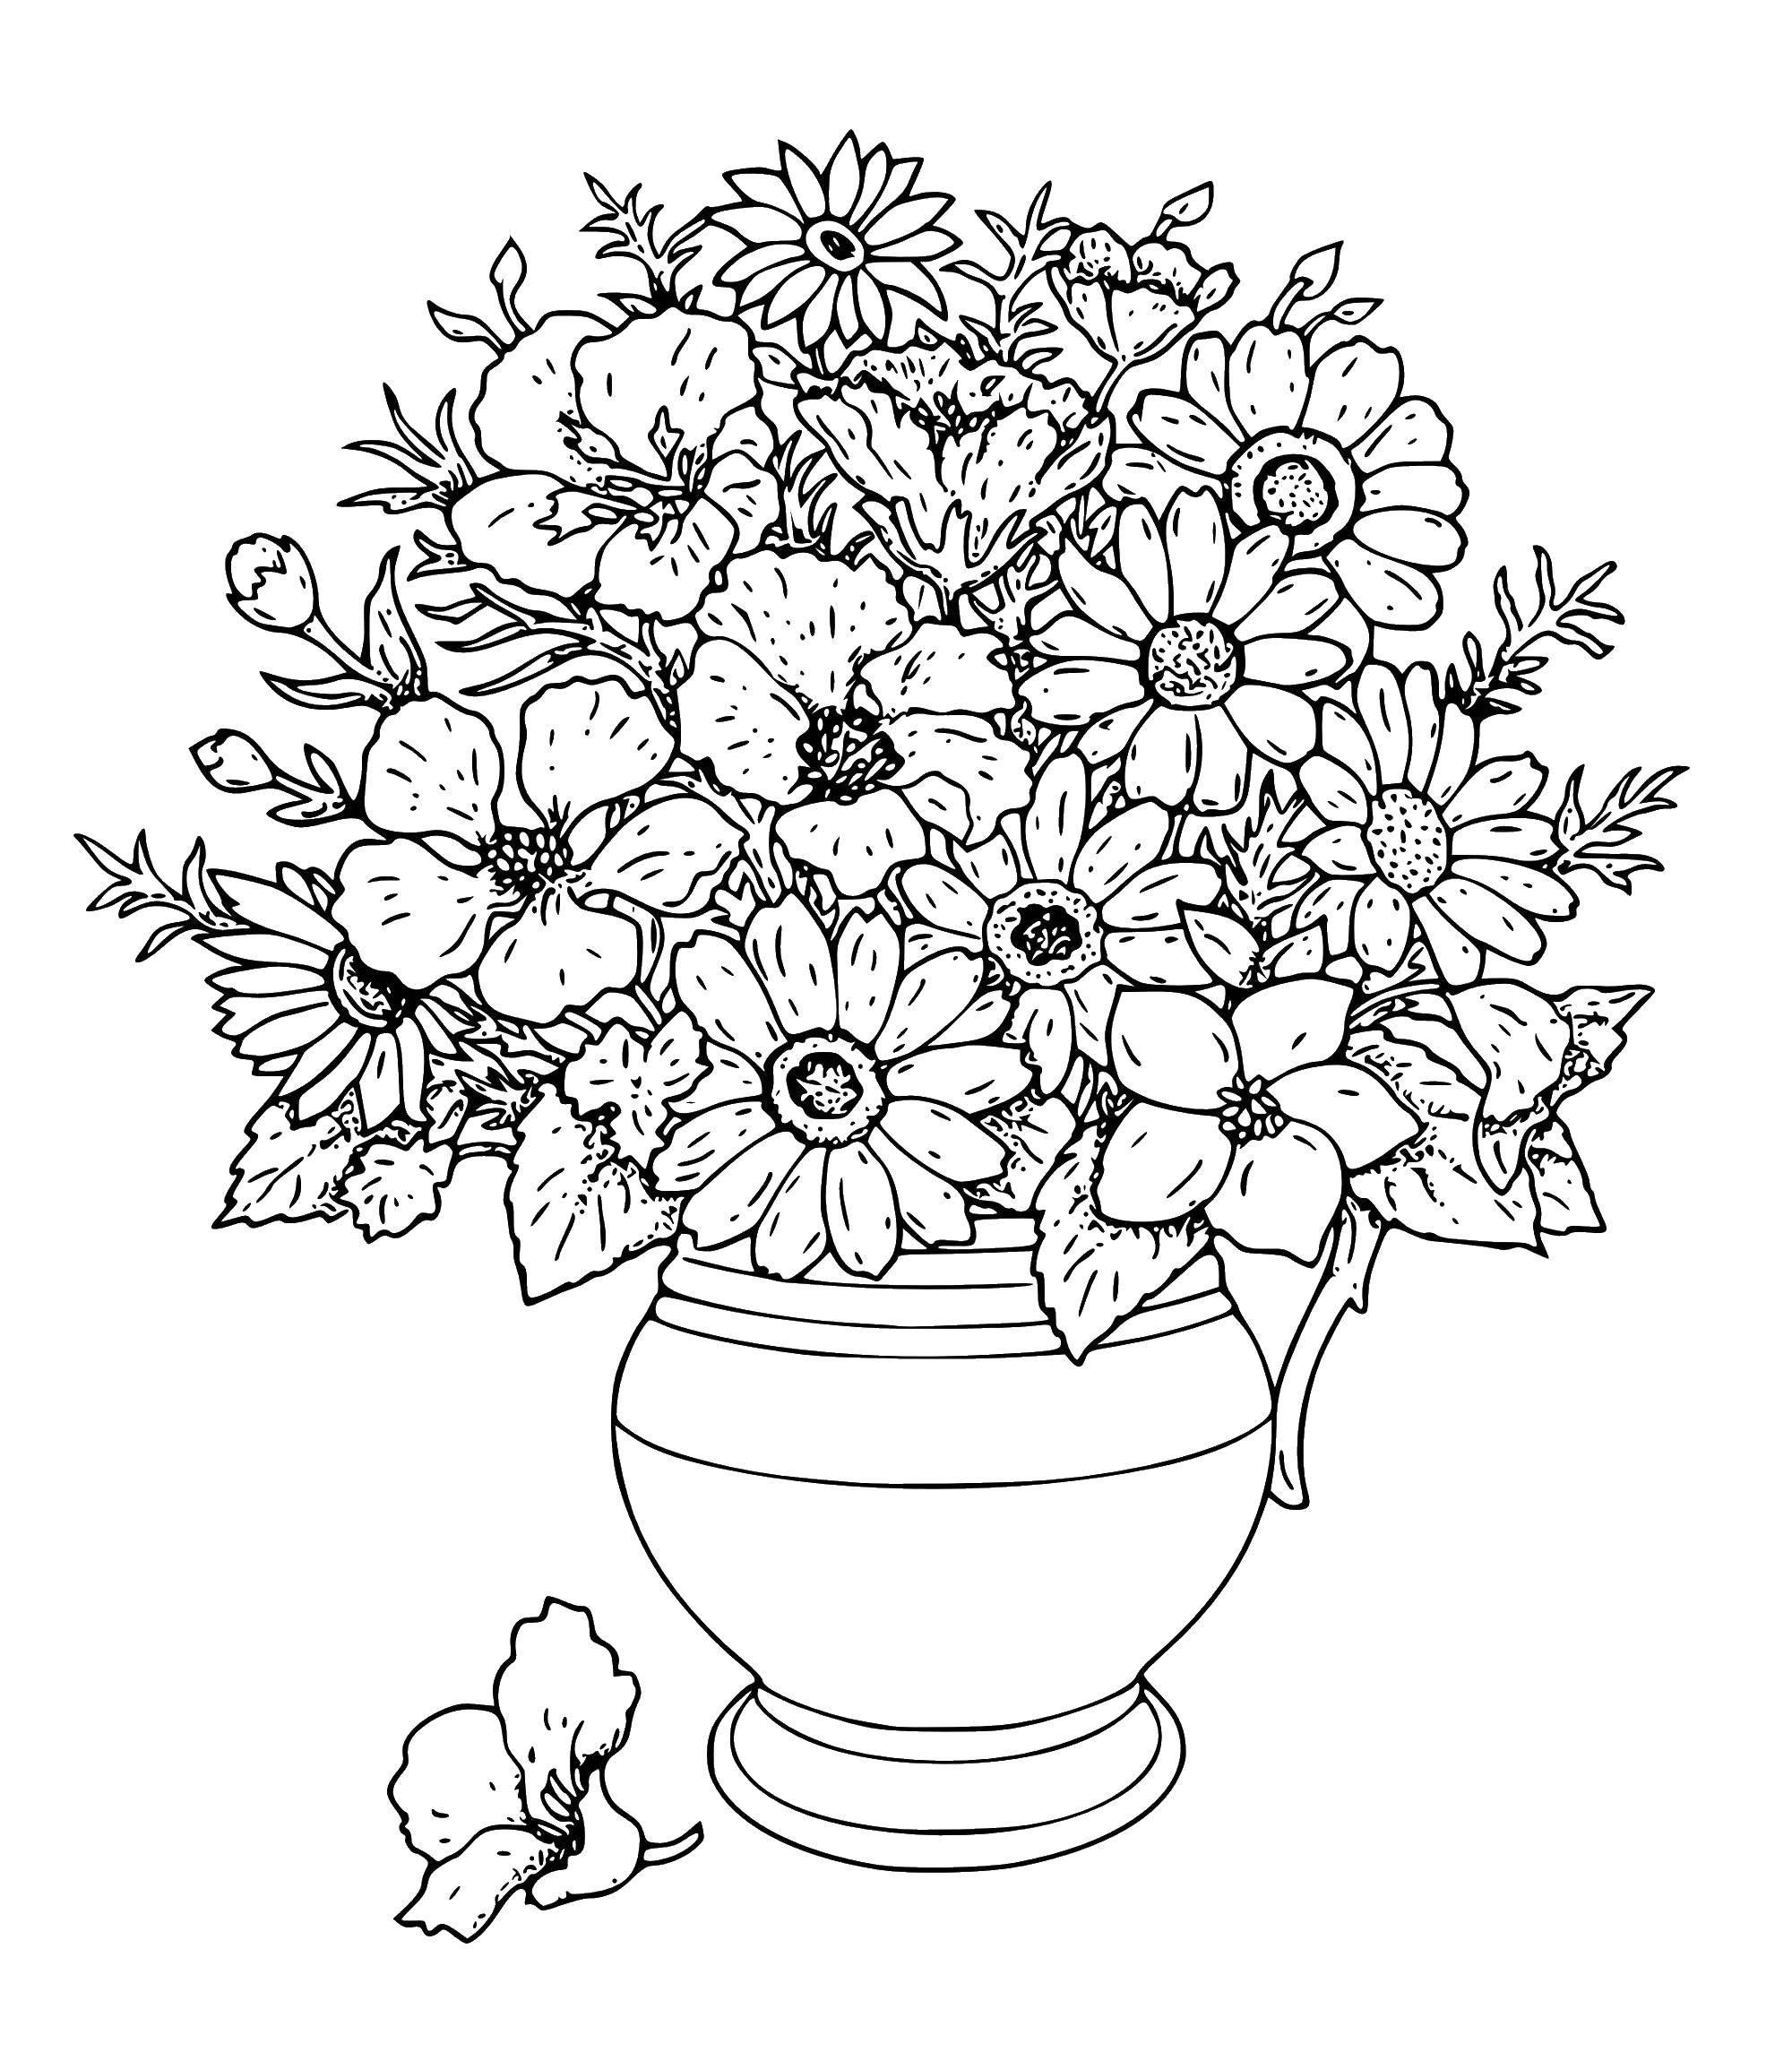 Раскраски для взрослых, Раскраска Букет цветов и ваза ...